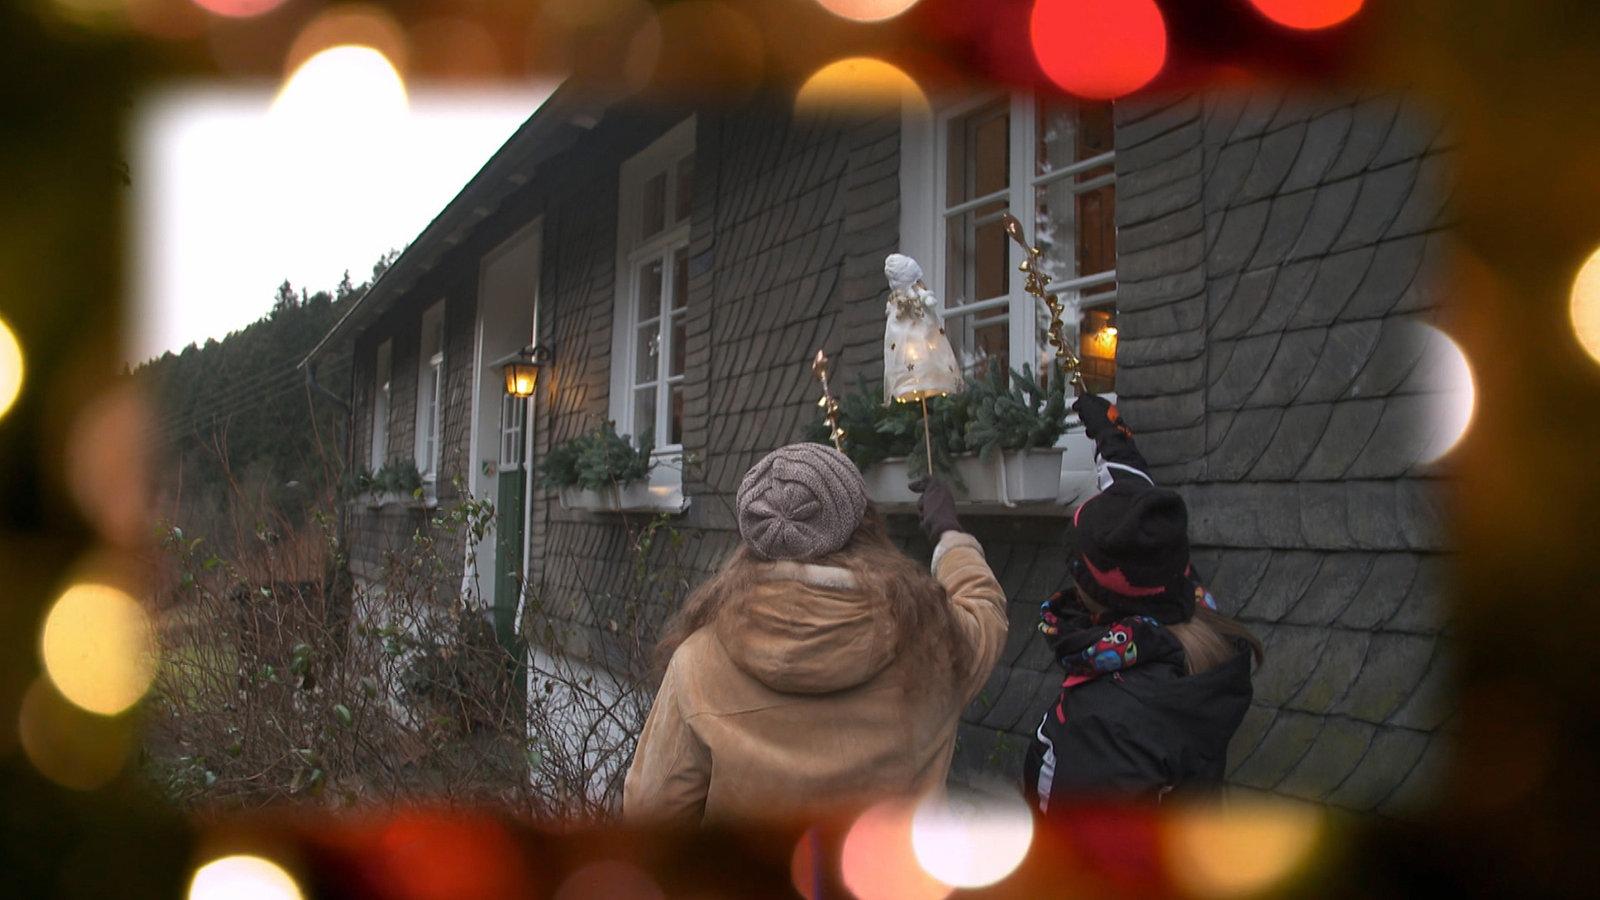 b rbel michels und die weihnachtstraditionen im sauerland. Black Bedroom Furniture Sets. Home Design Ideas